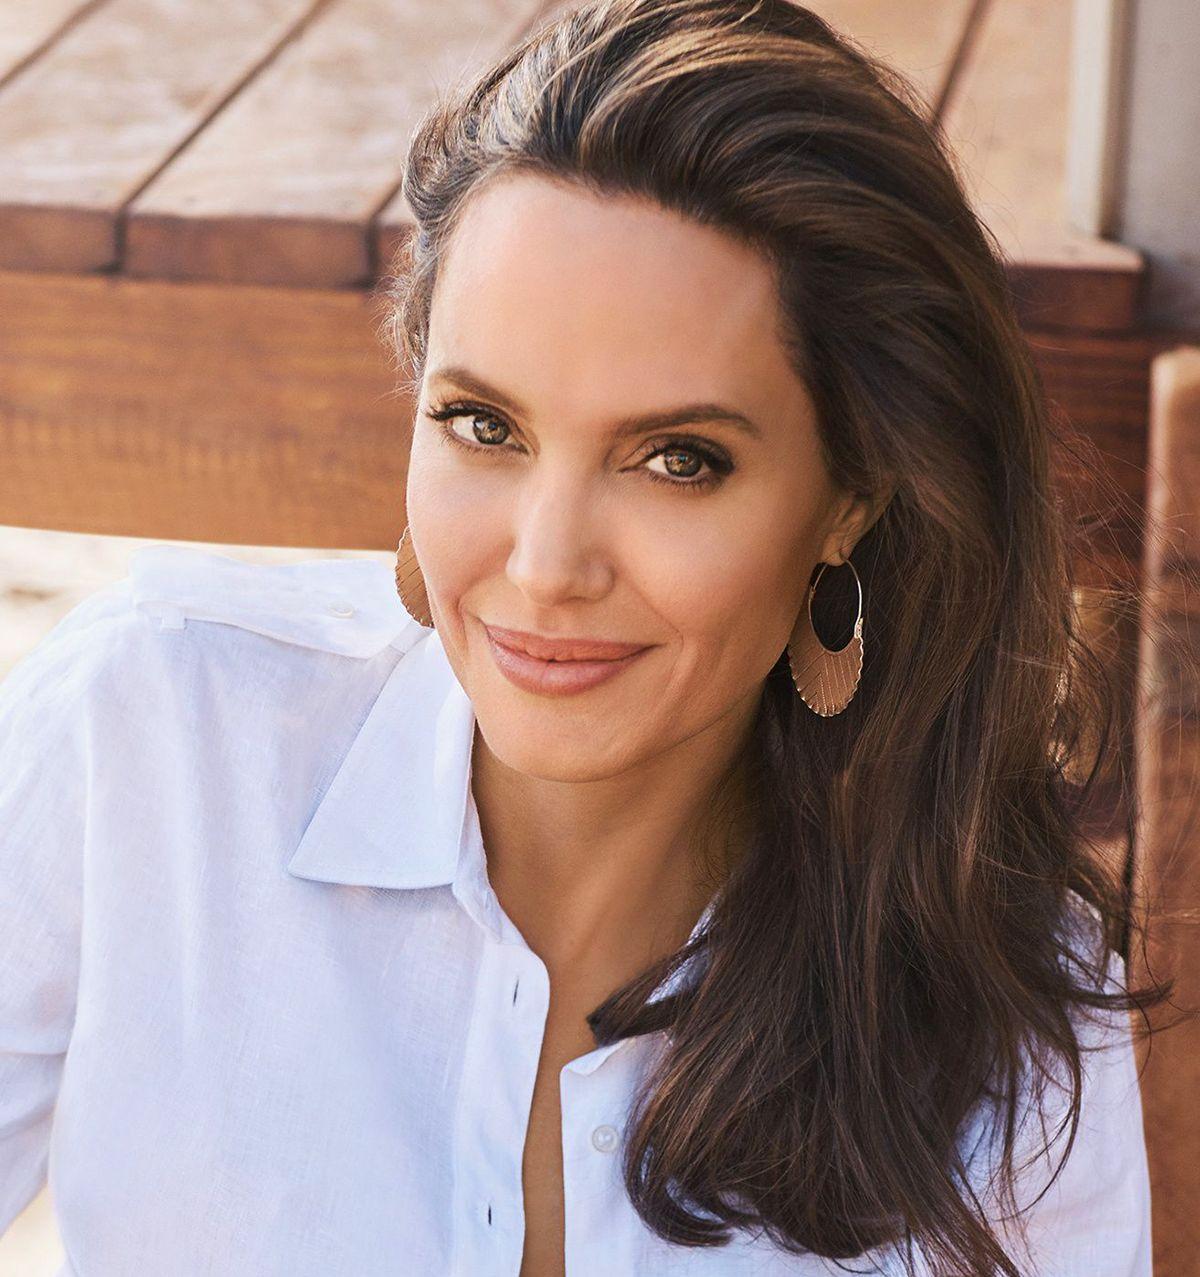 sztárok titkos hajápolási trükkjei, Angellina Jolie